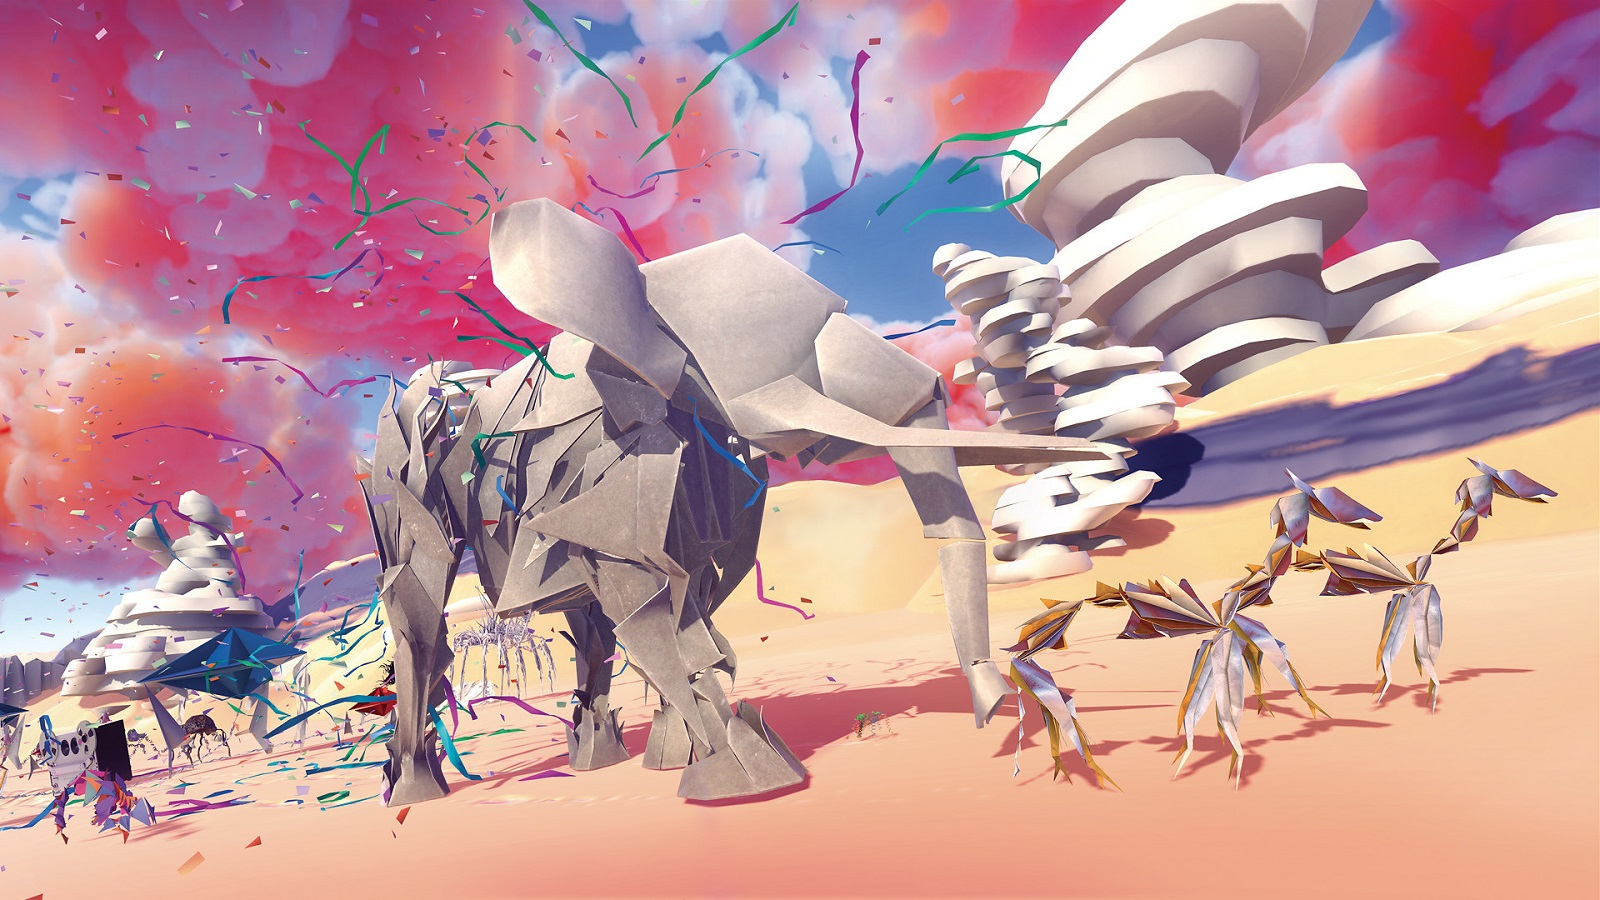 ПК-версия «бумажного» приключения Paper Beast лишится привязки к VR в конце октября